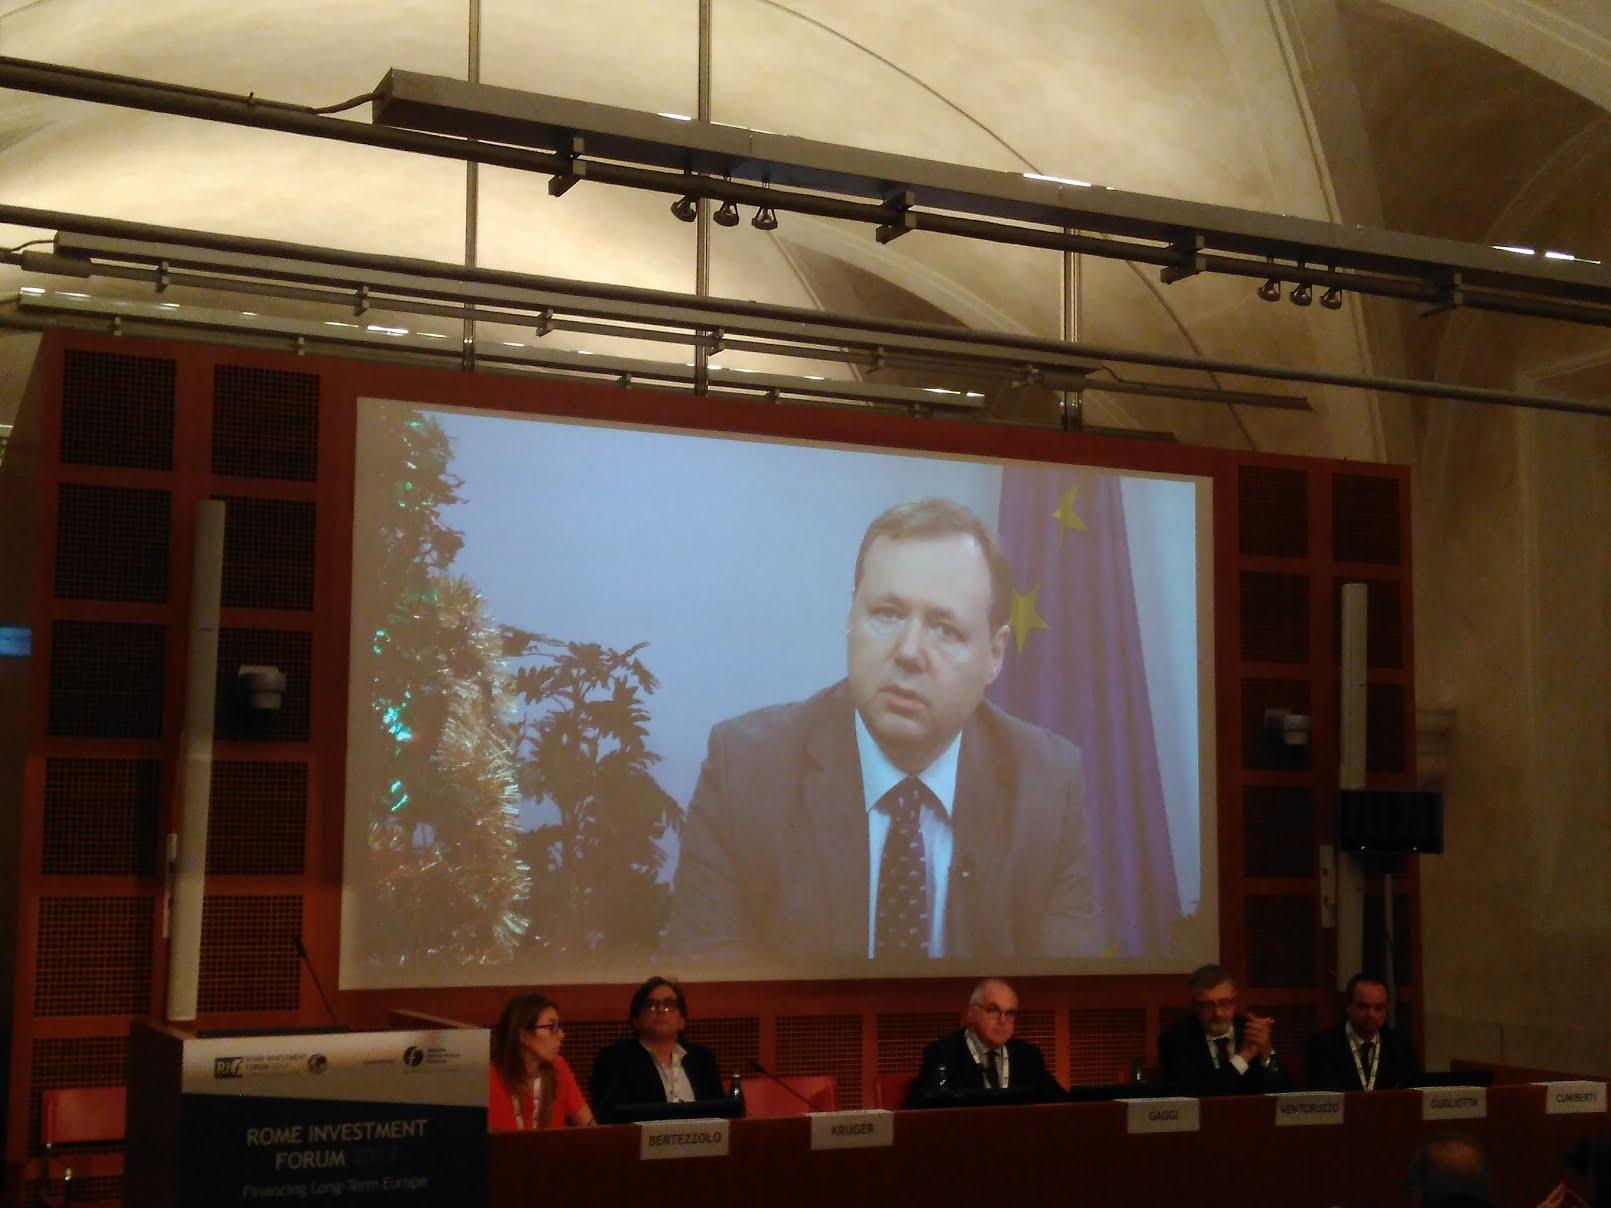 Rome Investment Forum 2017